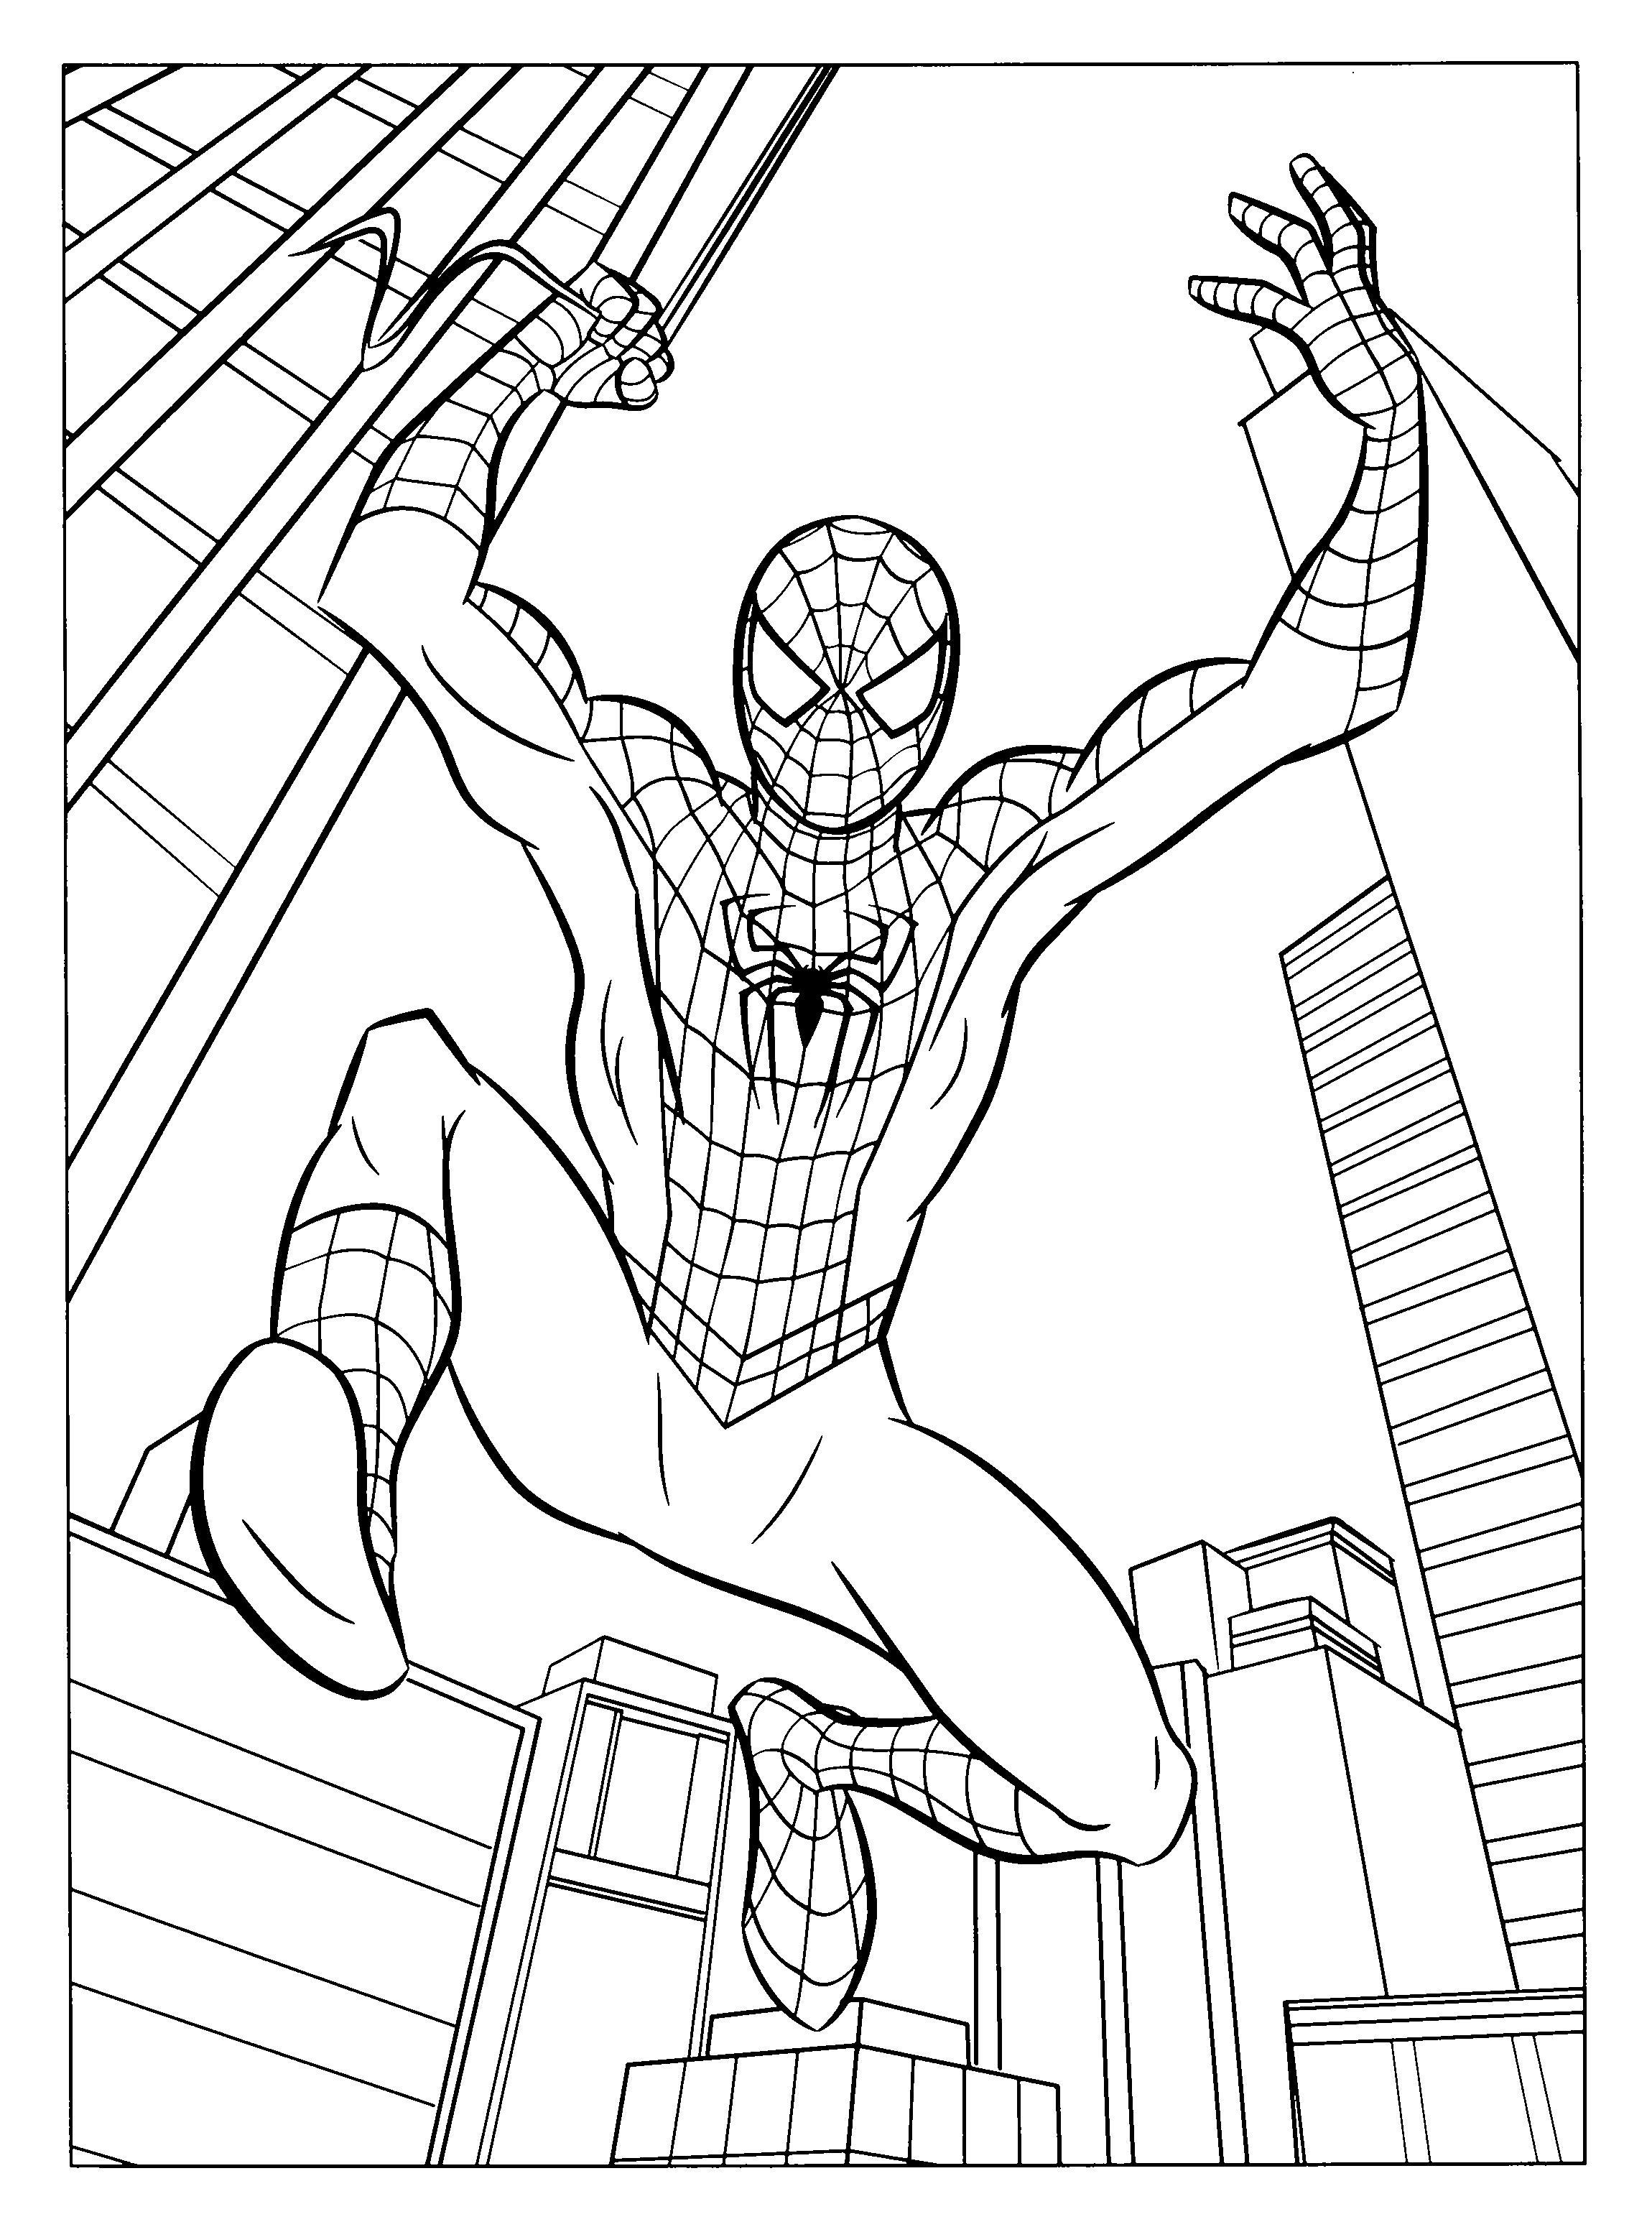 Человек летит на паутине среди домов города Распечатать раскраски для мальчиков